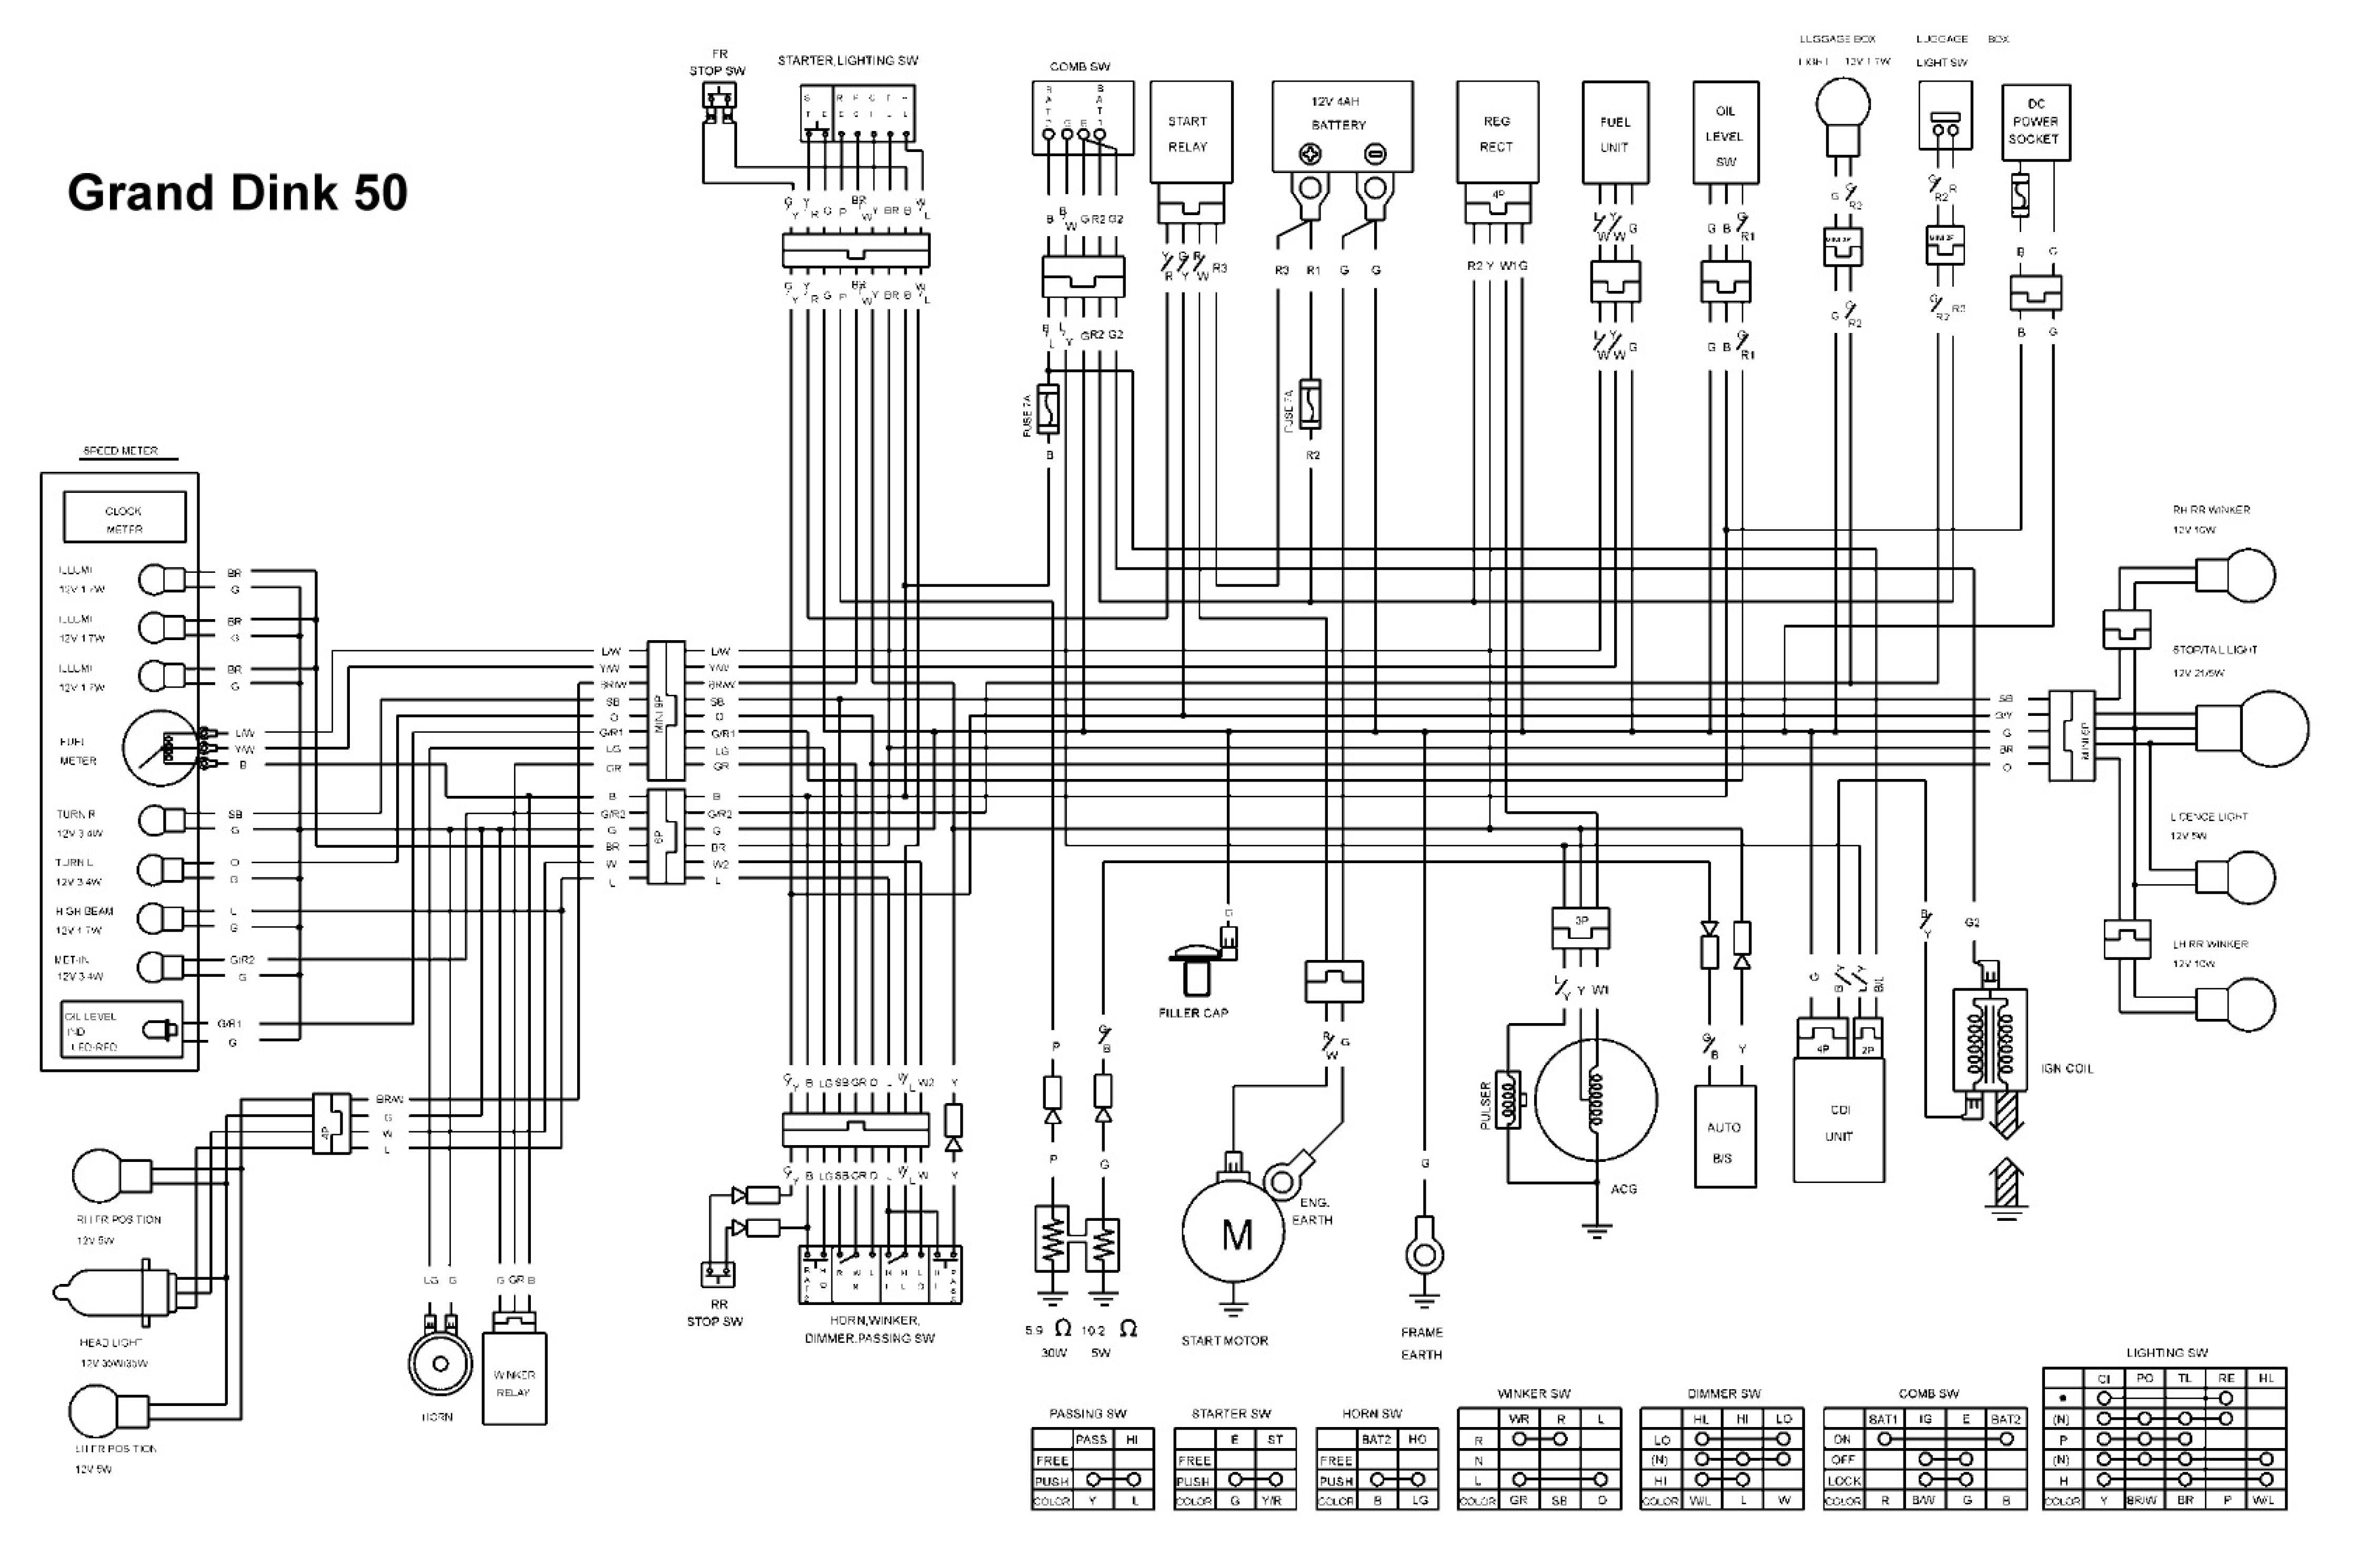 Cf Moto 150 Wiring Diagram Anything Diagrams Xingyue Kymco Motorcycle Manuals Pdf Fault Codes Rh Manual Com 500